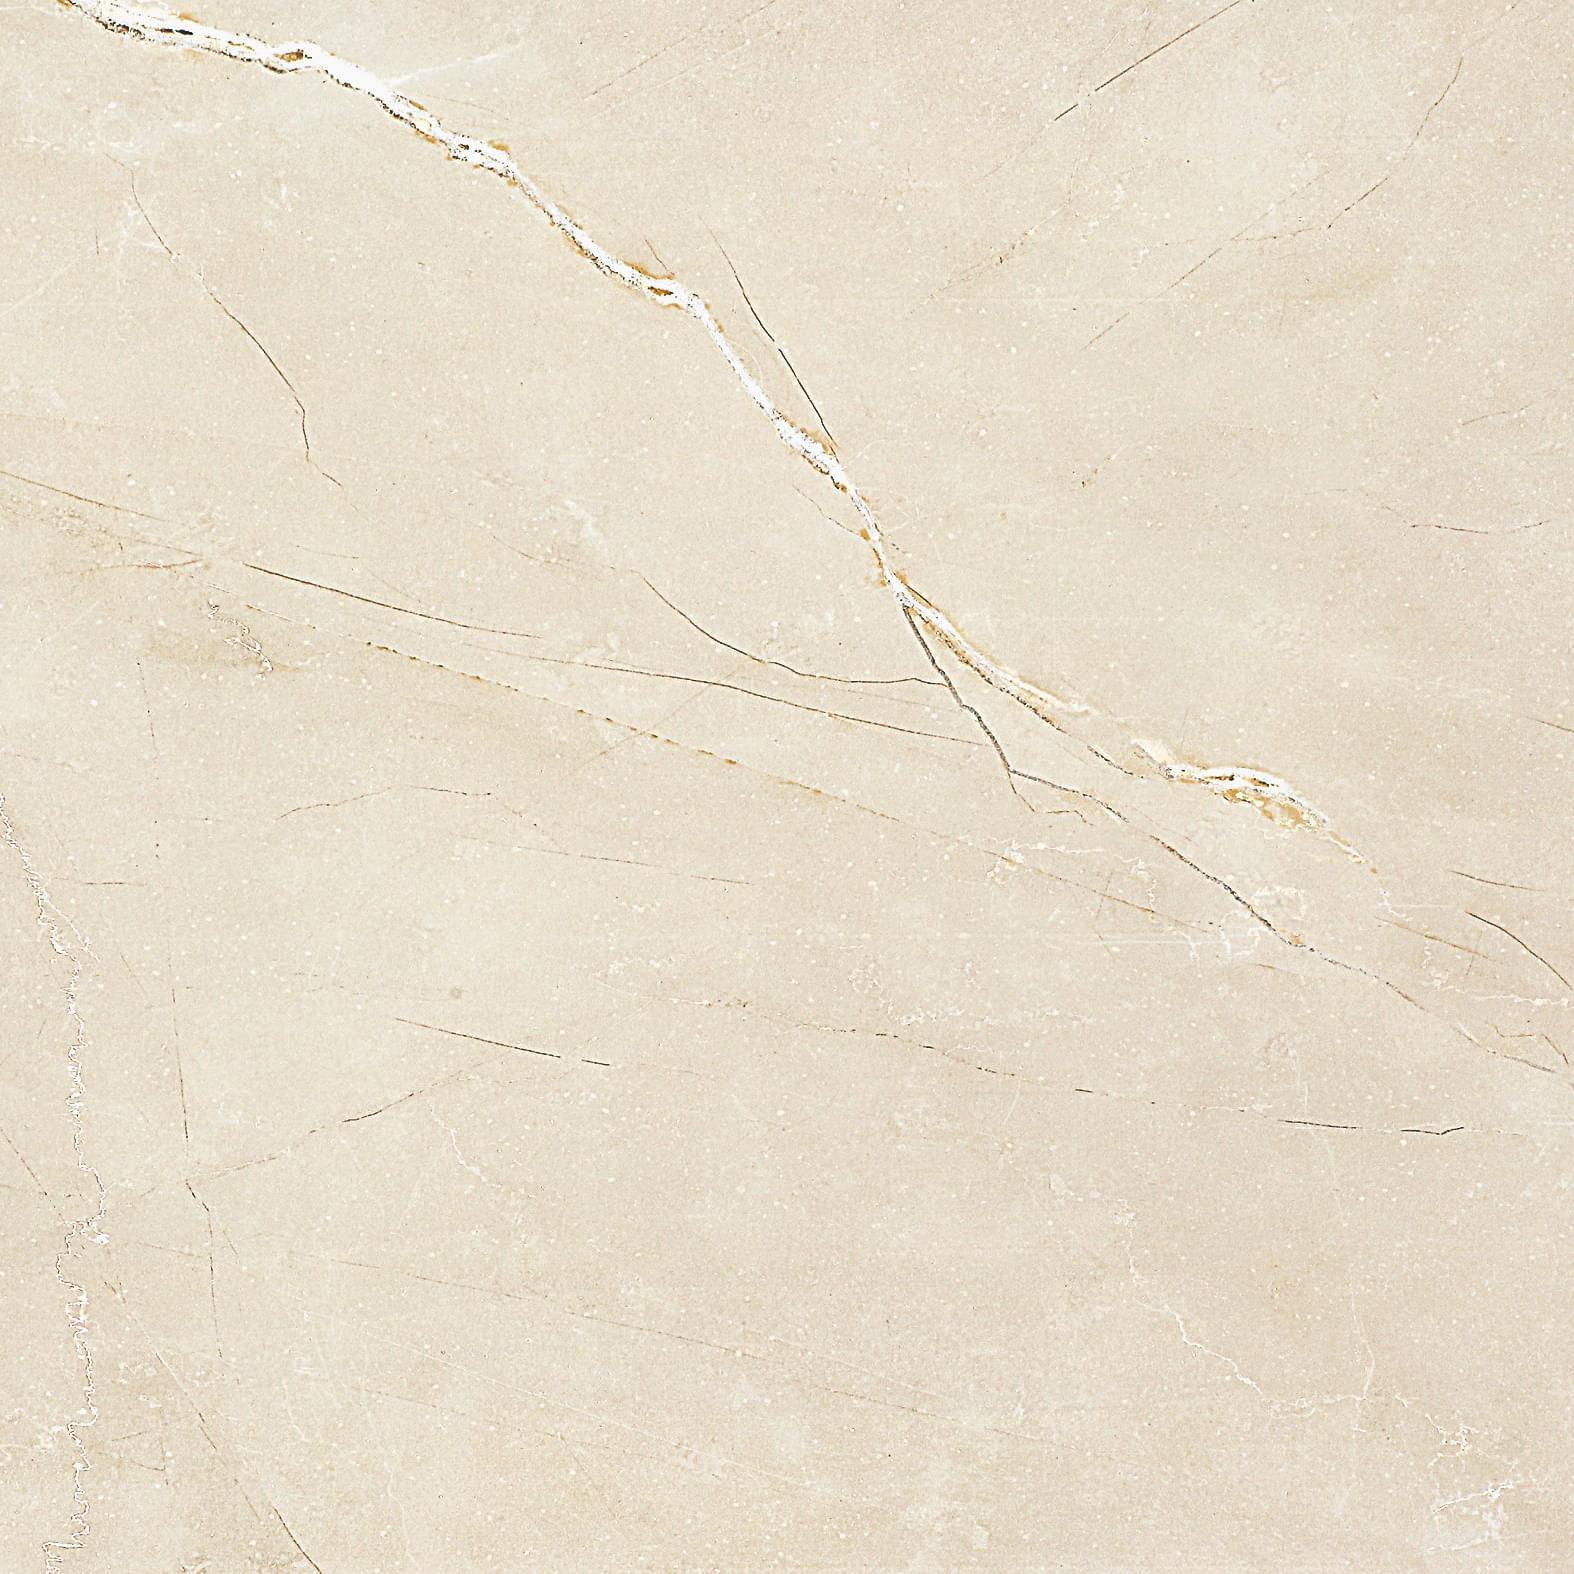 帕斯高灰 / CRS6632 / 600x600mm / 柔光大理石